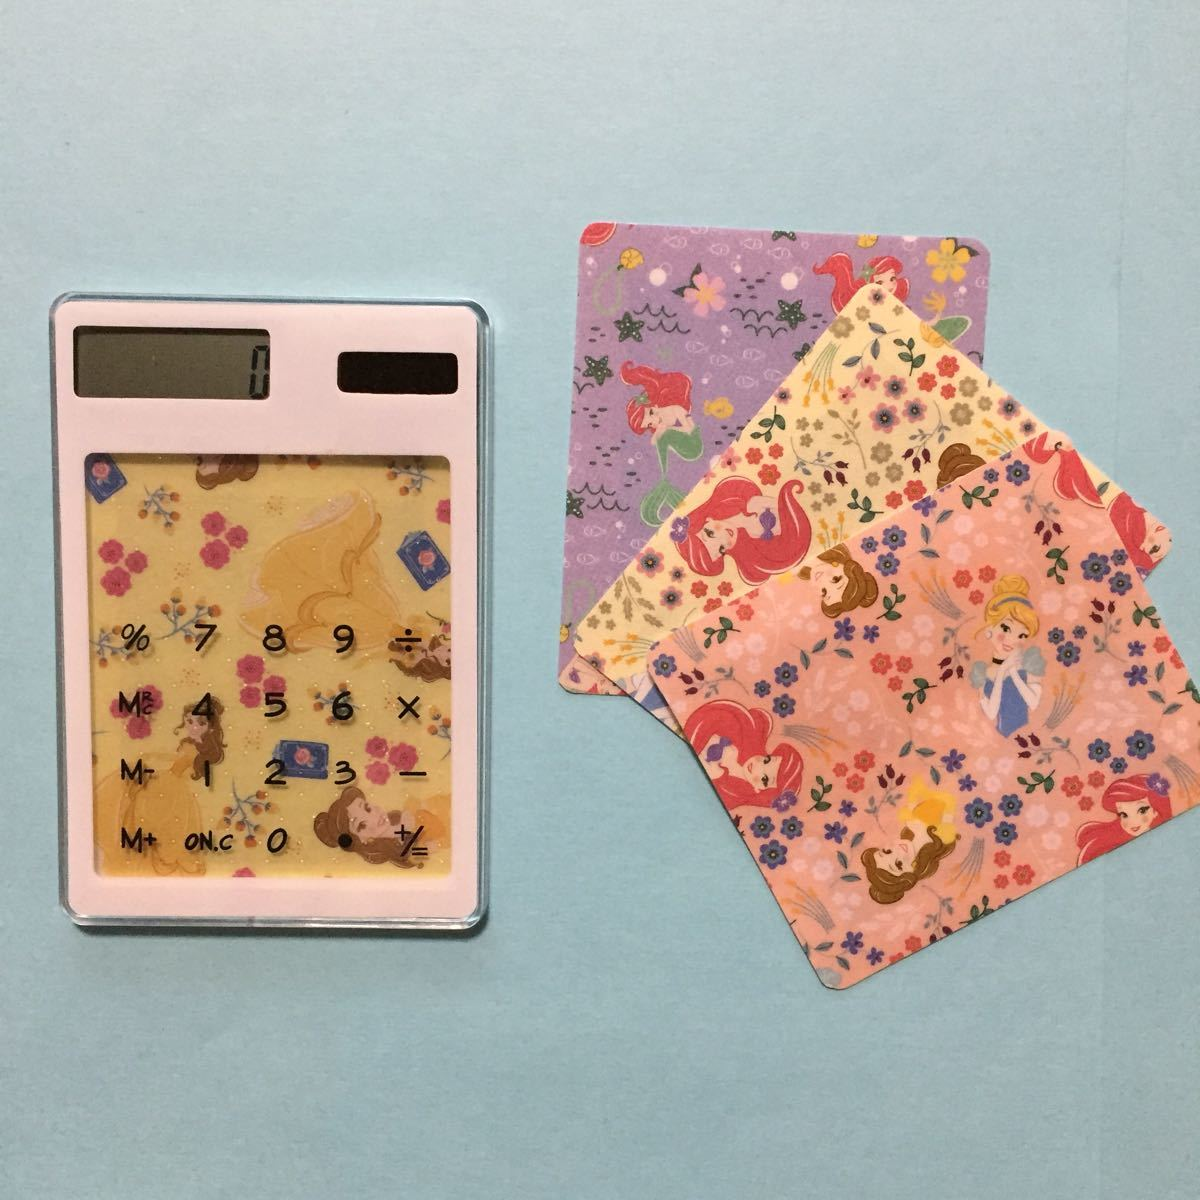 スケルトン電卓 & 入れ替えカード ( 6 ) ●まとめ割引対象商品●